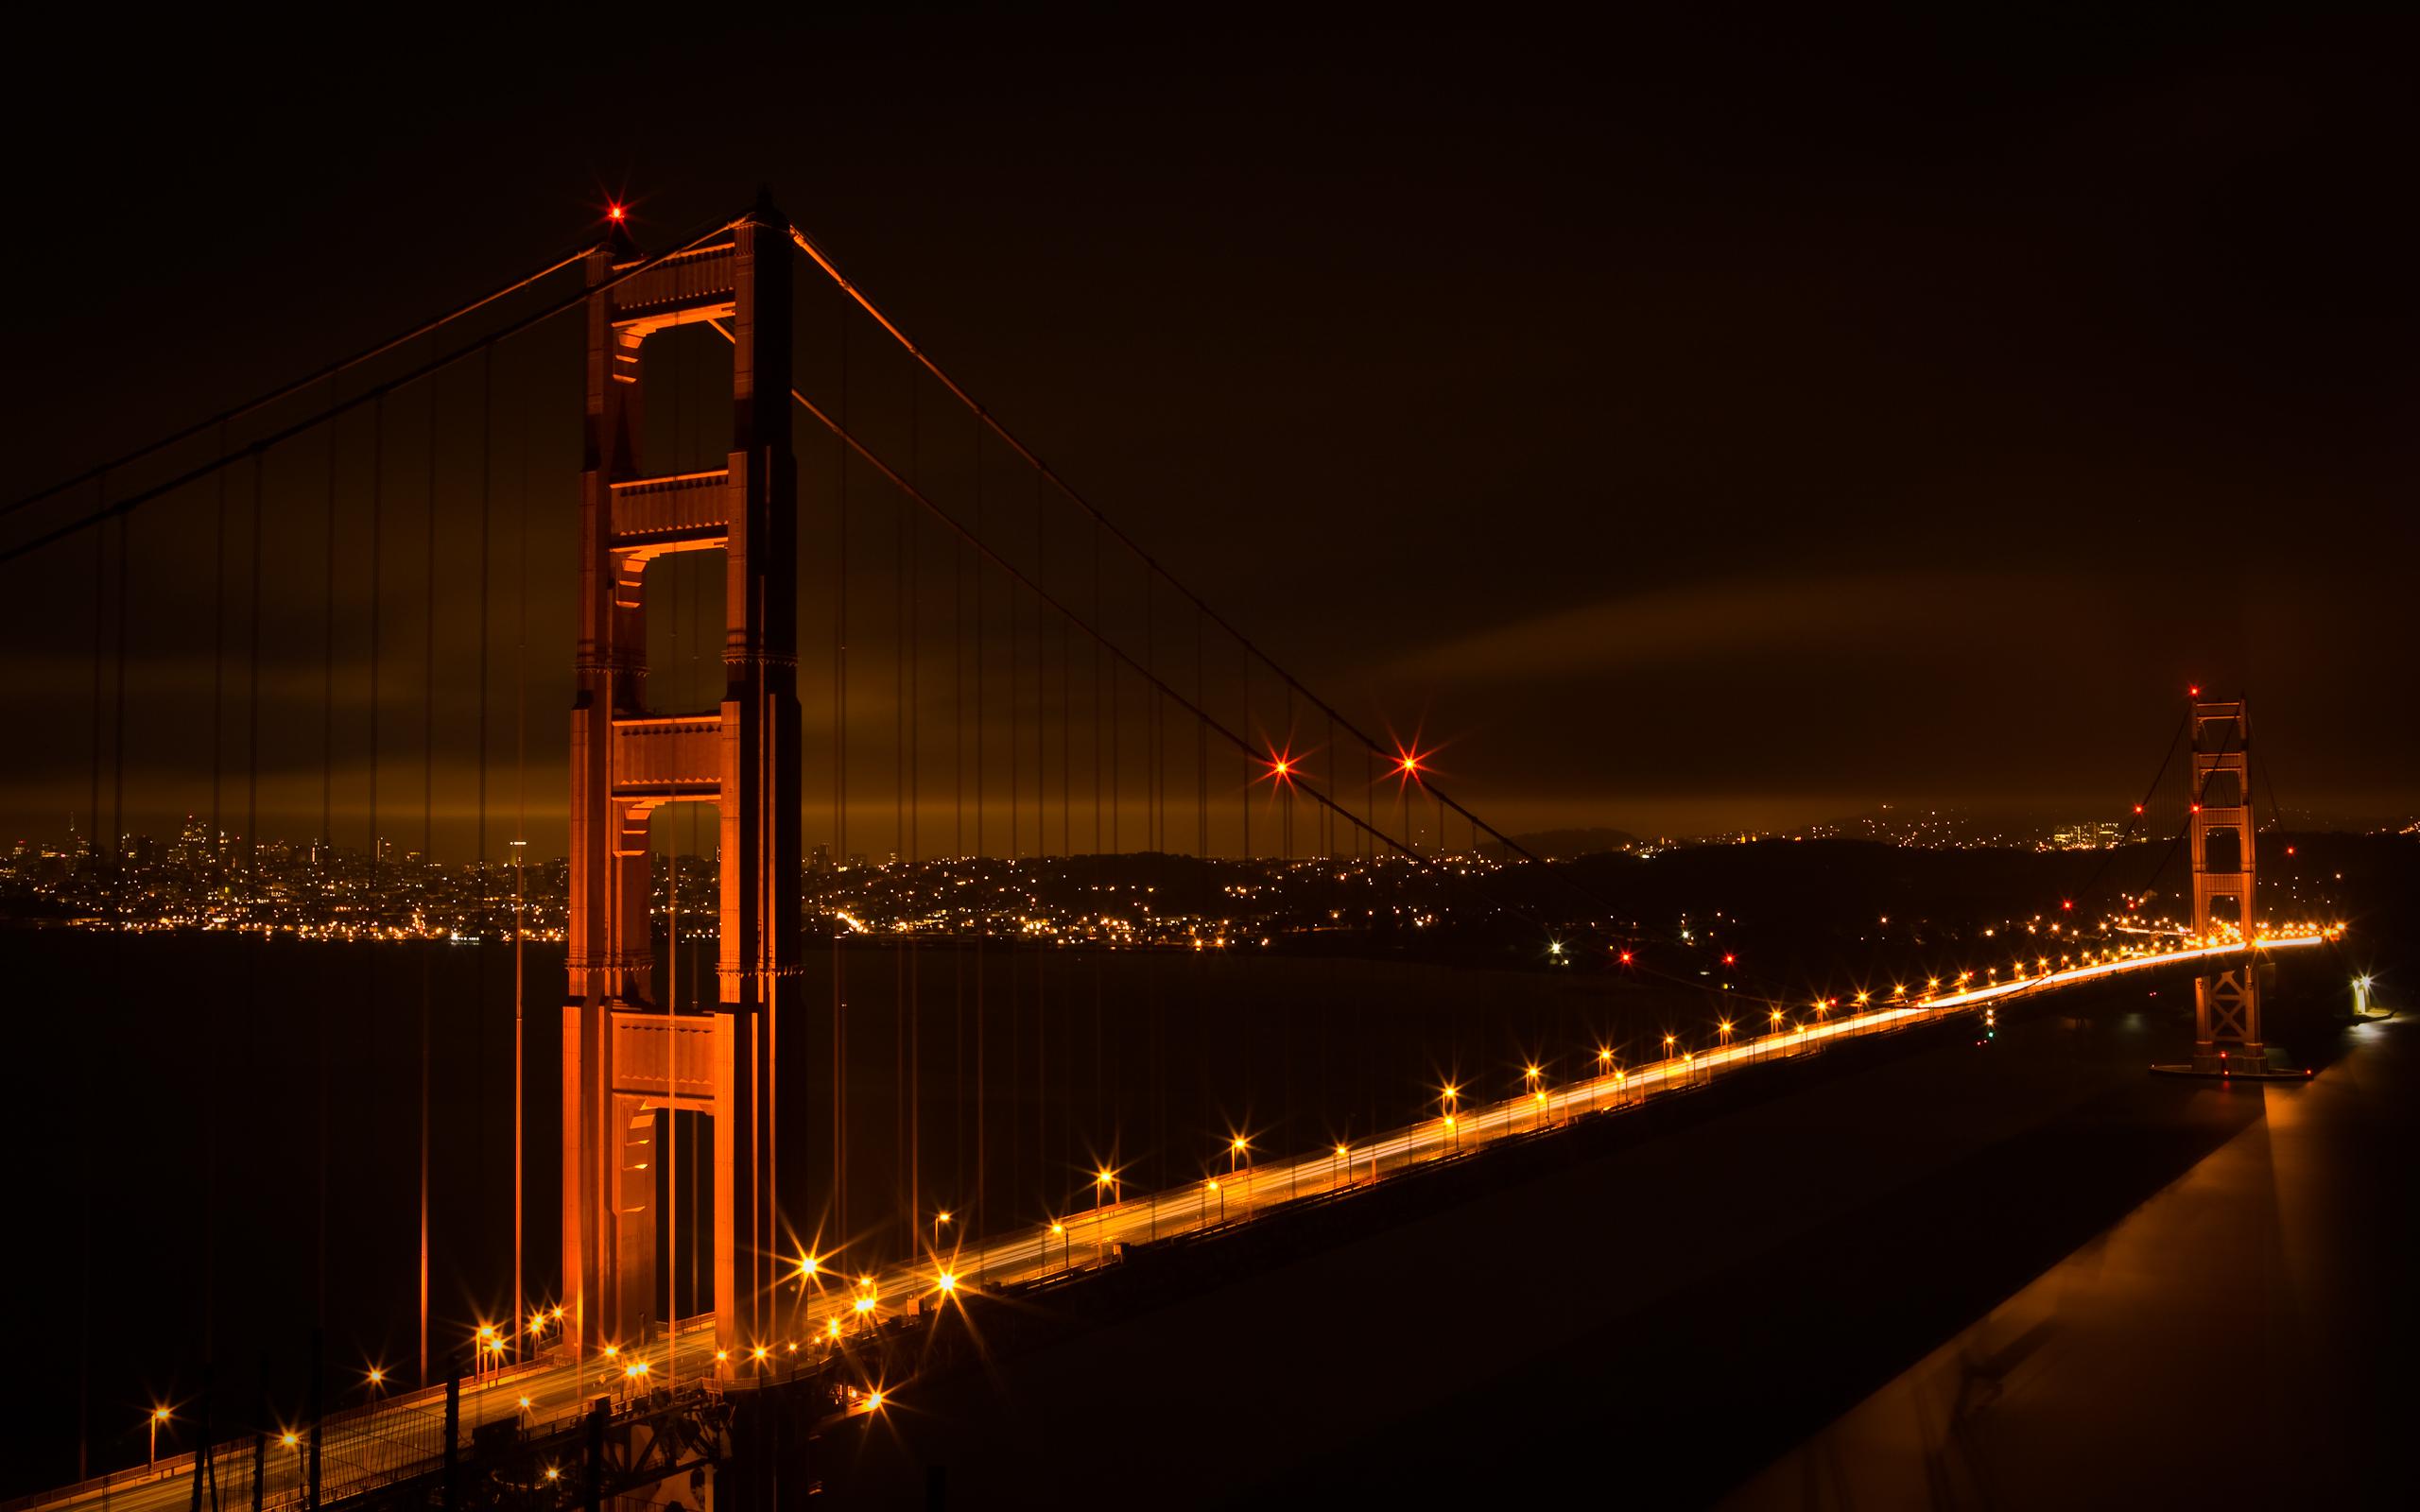 Golden Gate Bridge At Night Hd Wallpaper Wide Screen Wallpaper